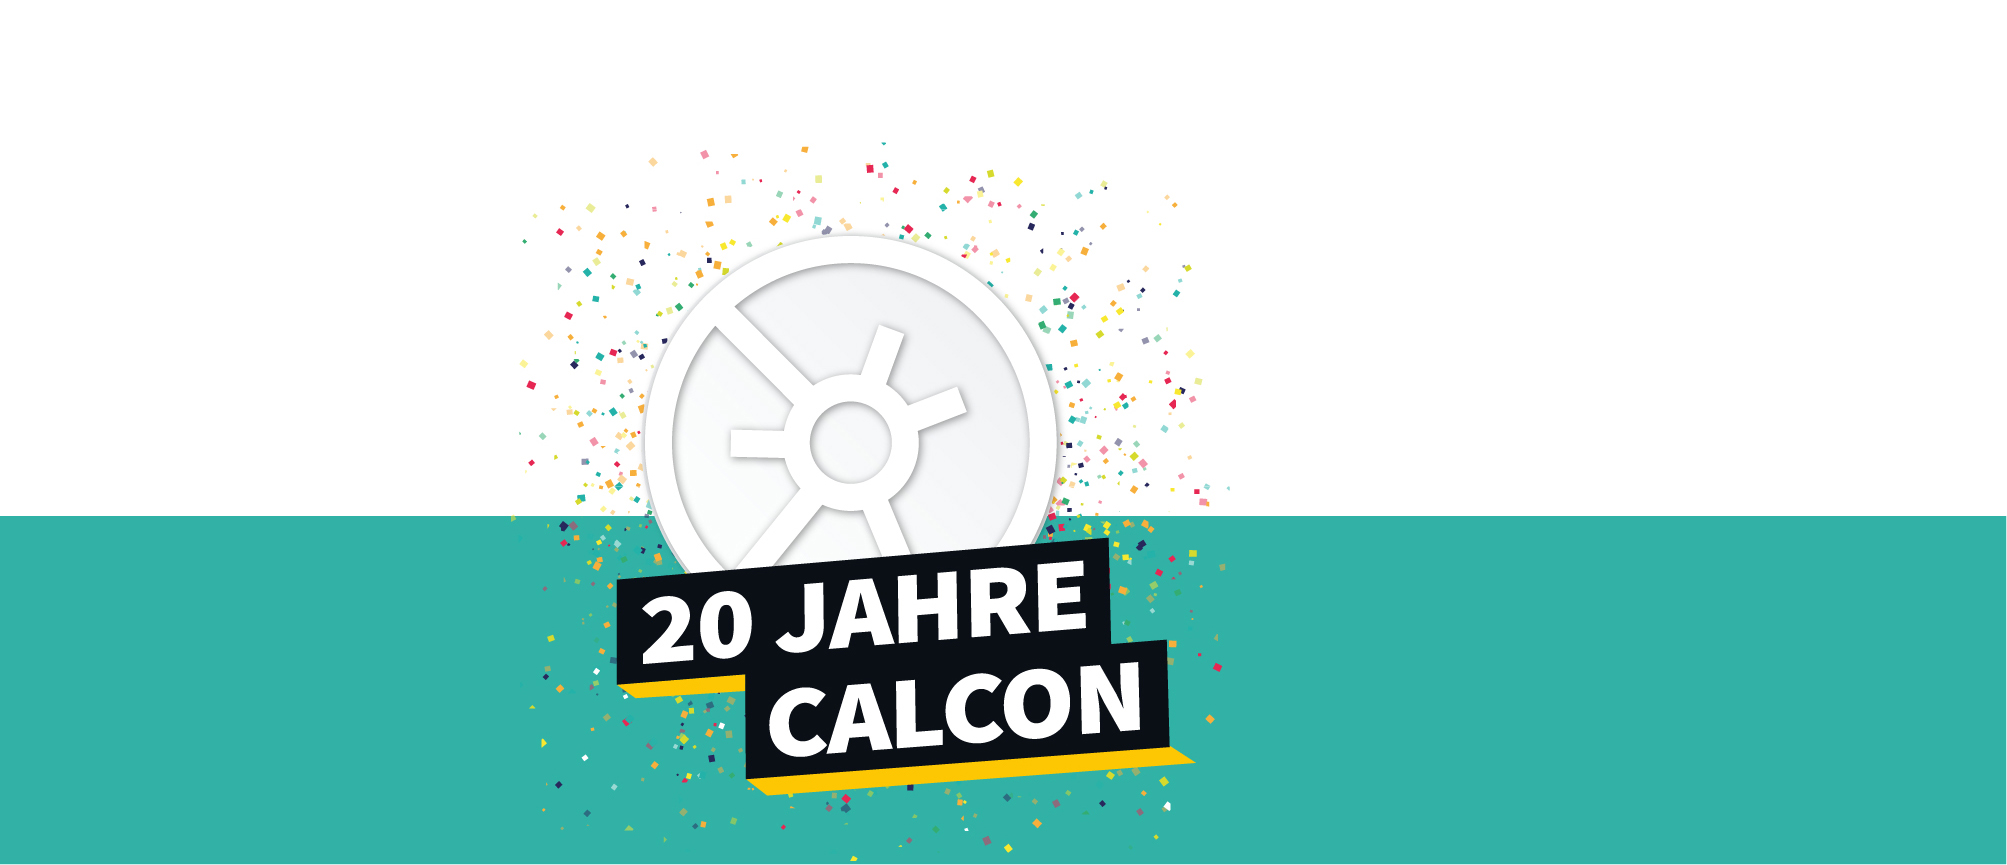 20 Jahre Calcon Grafik